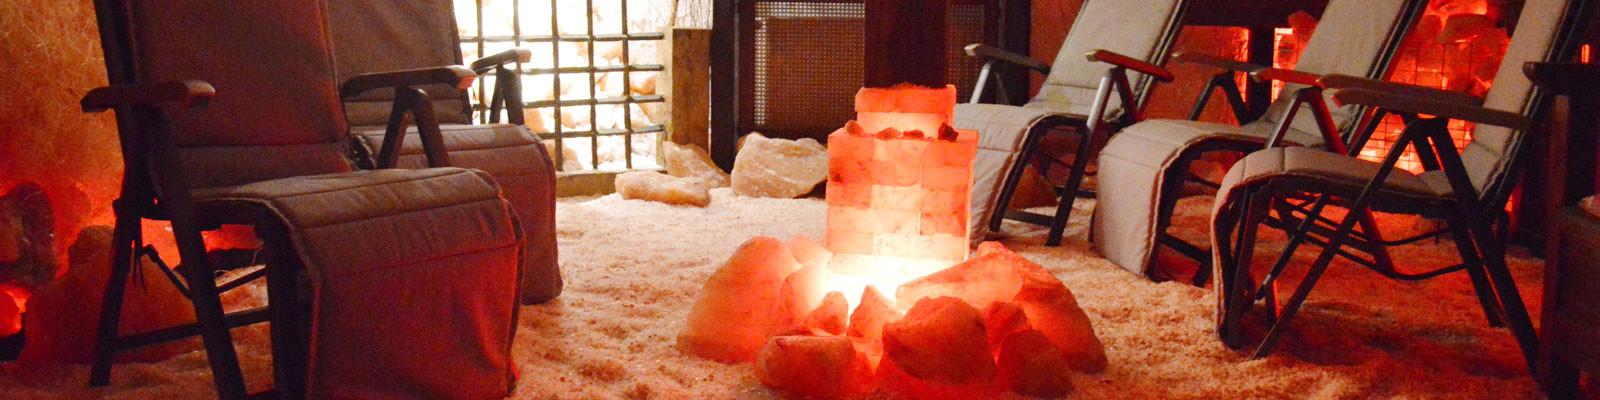 Mendener Salzgrotte – Wie ein Tag am Meer